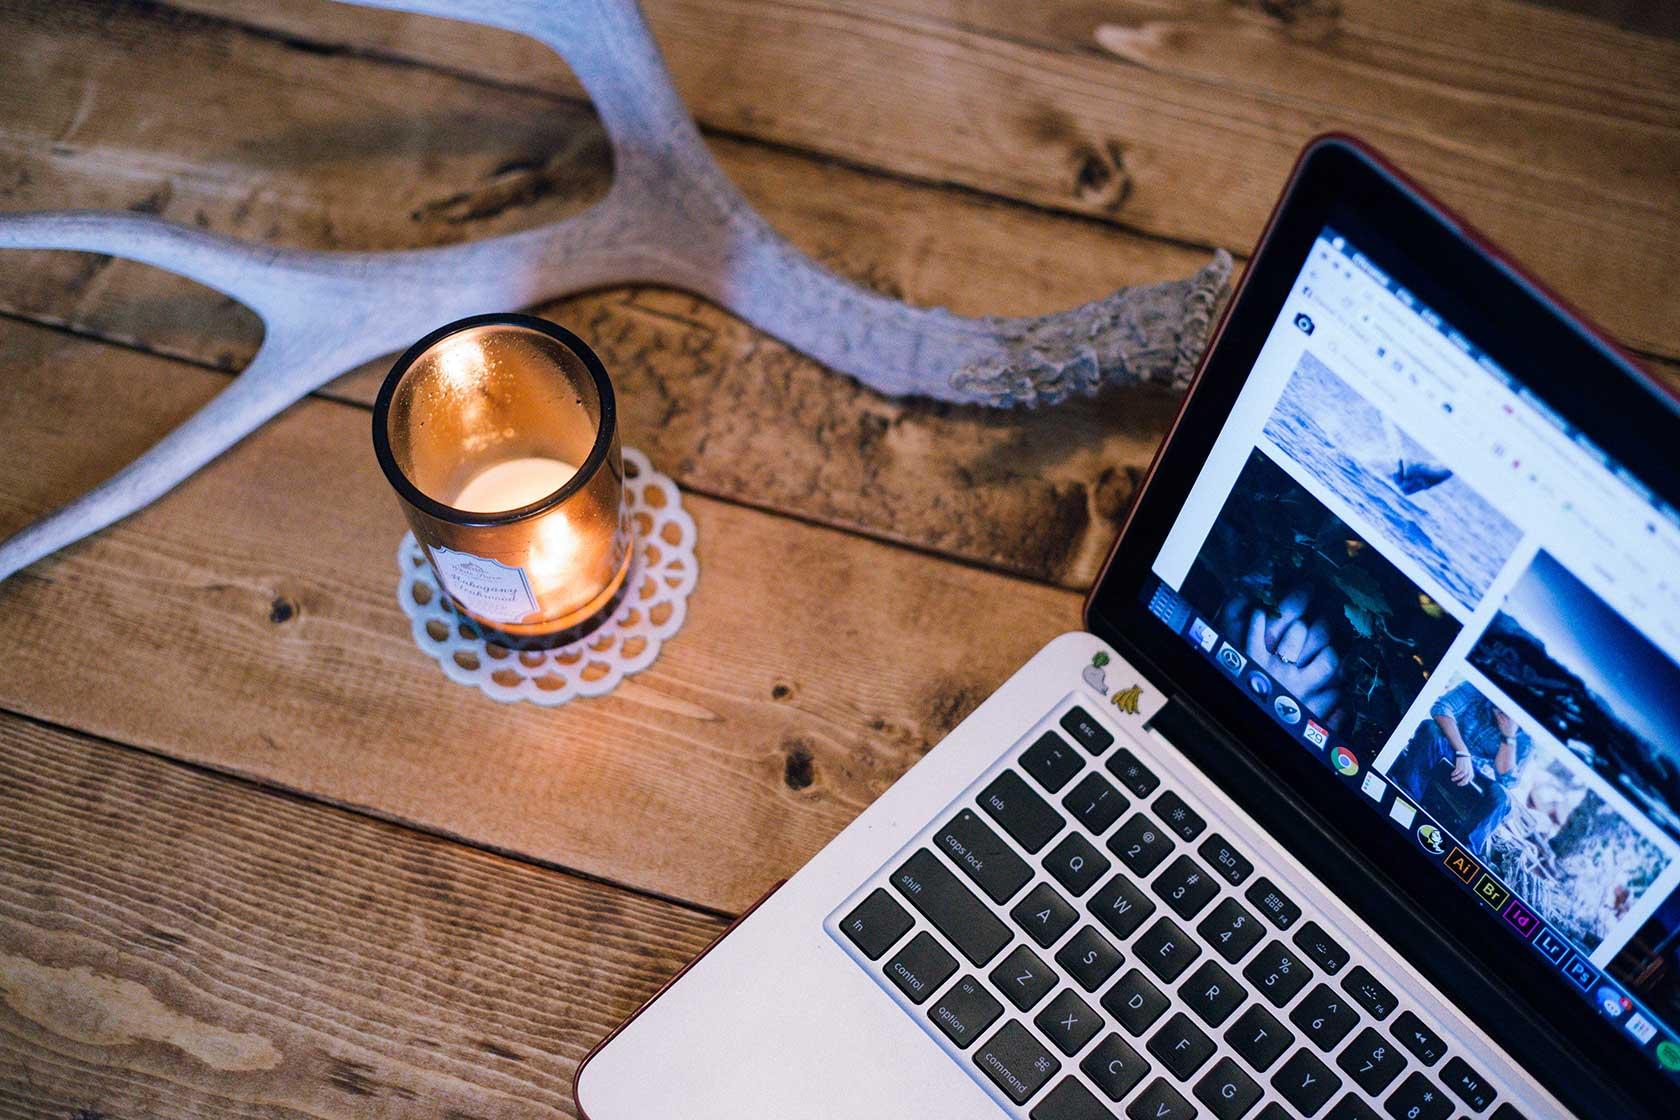 8 Siti Web in cui Trovare Immagini Gratis